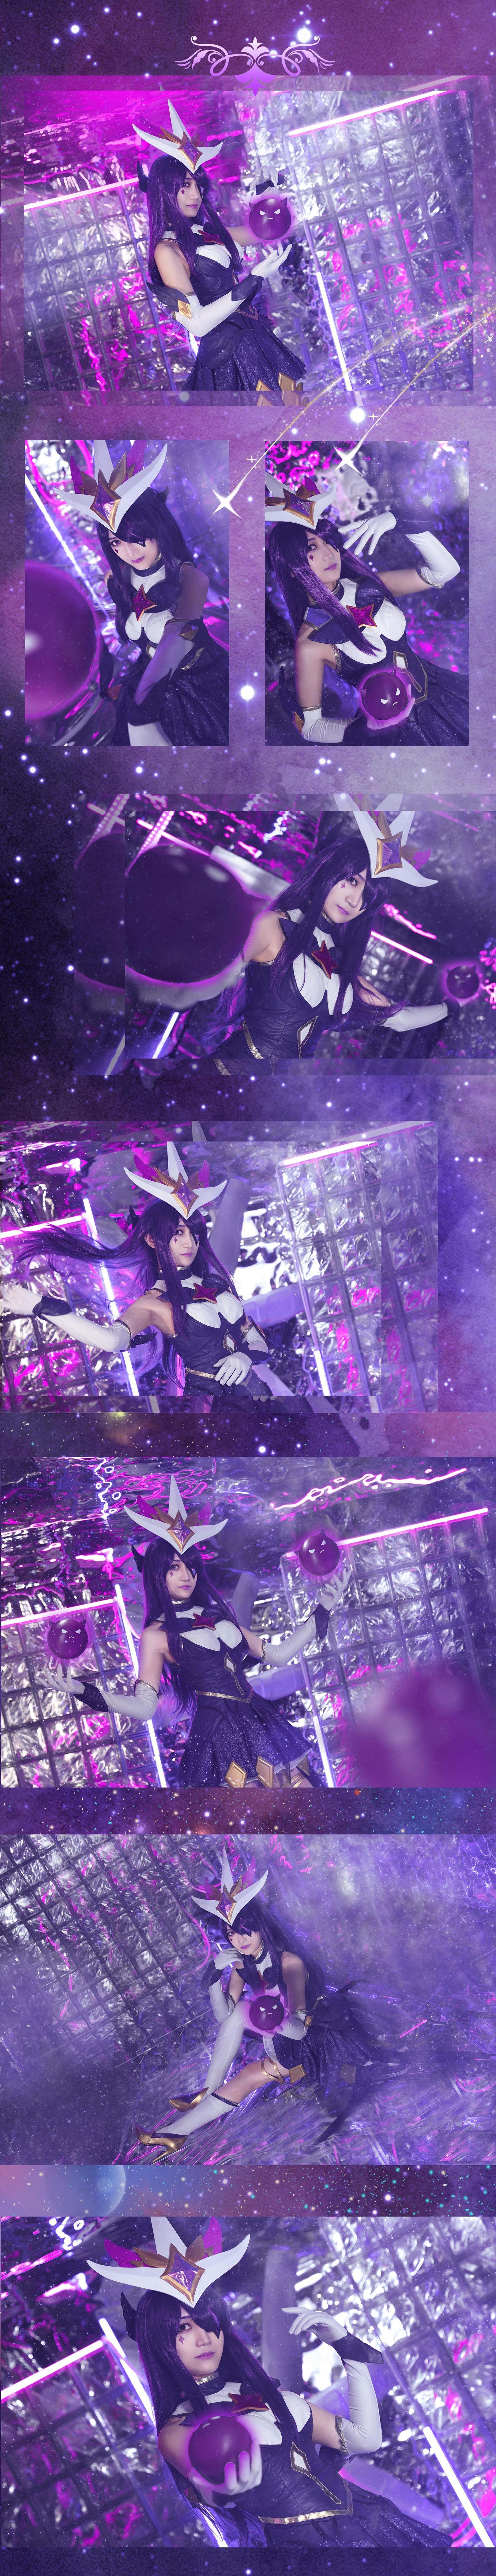 《英雄联盟》英雄联盟辛德拉cosplay【CN:悠米Yui】-第1张